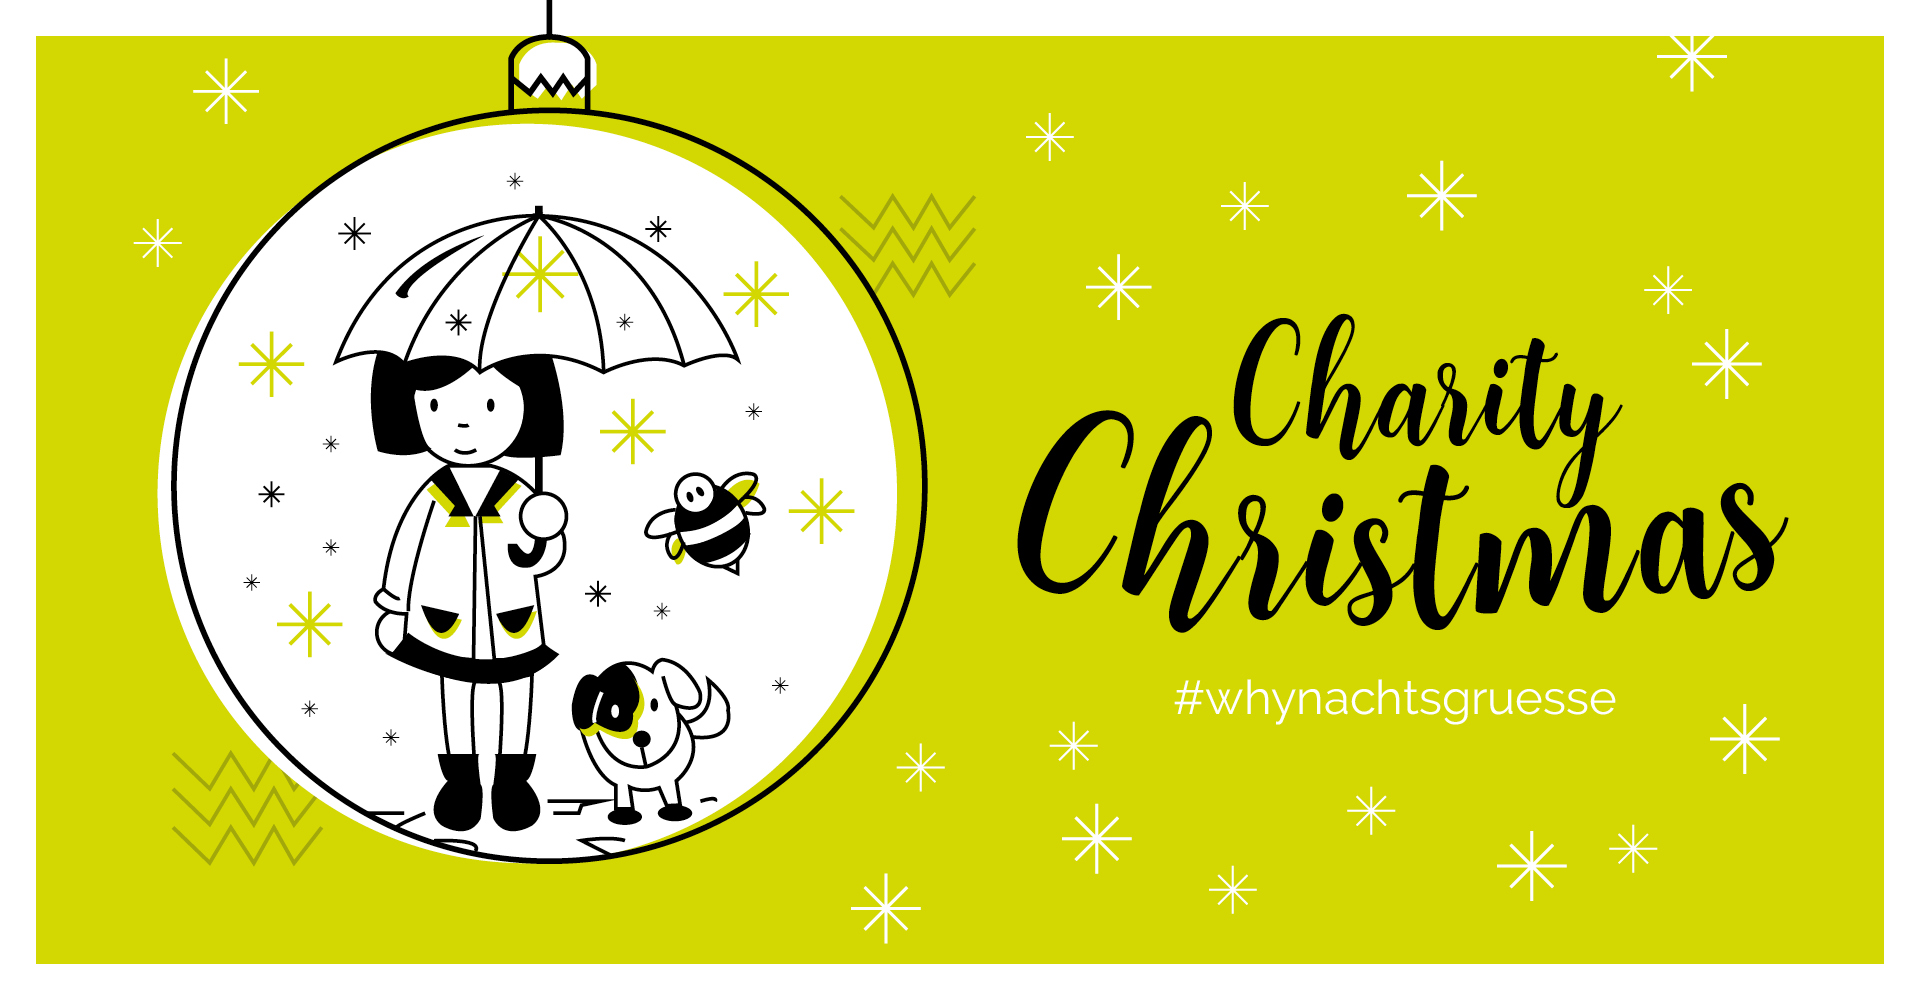 Etwas Andere Weihnachtsgrüße.Alle Jahre Wieder Wir Senden Weihnachtsgrüße Auf Die Nachhaltige